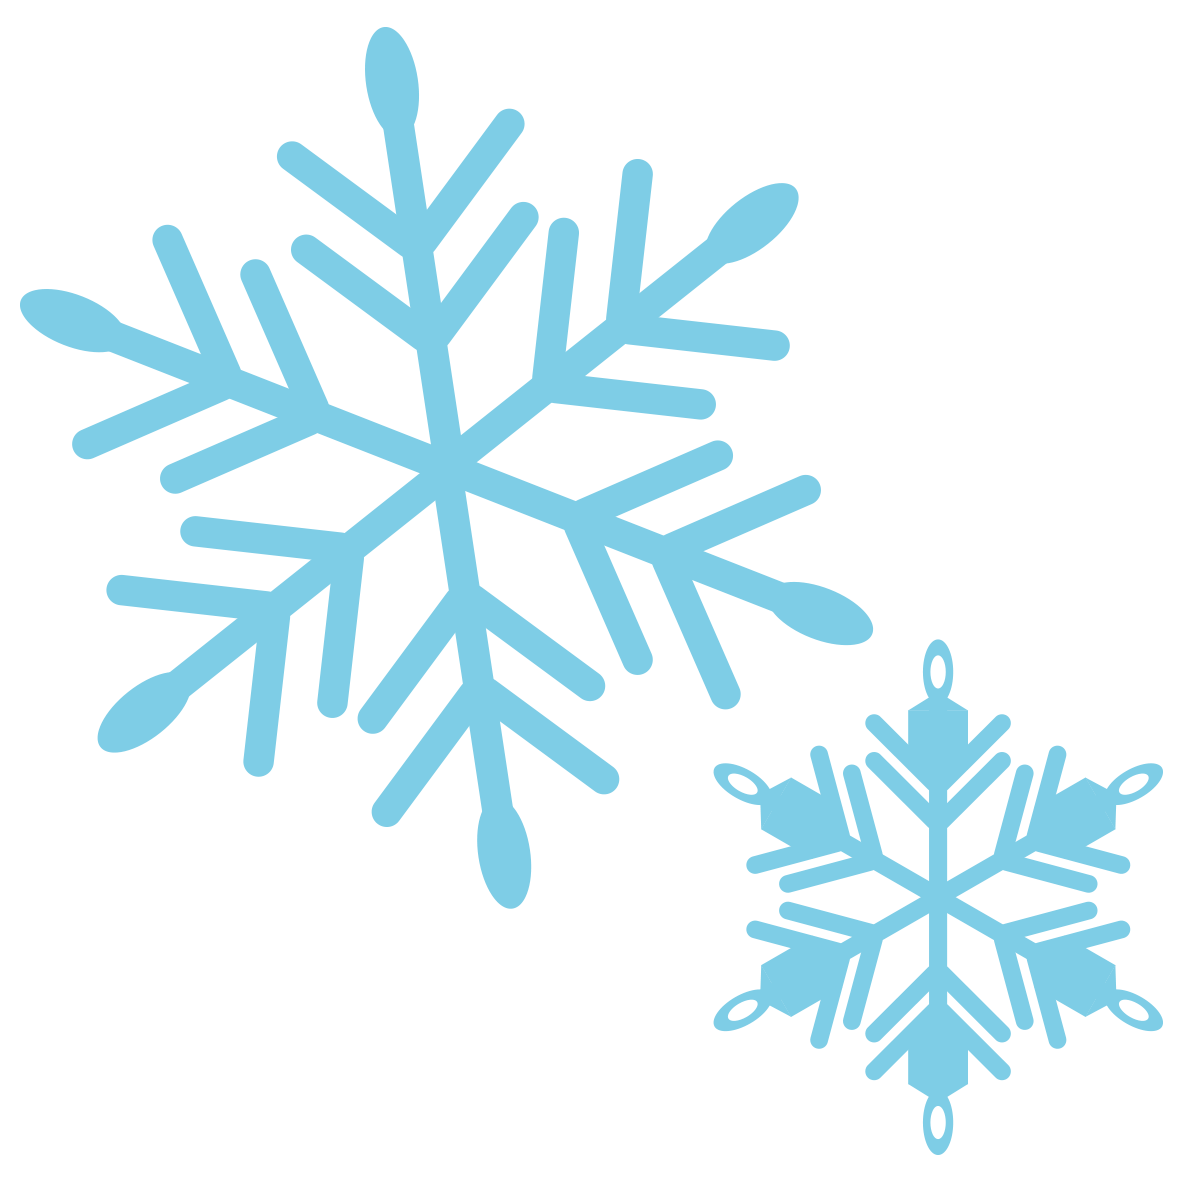 雪の結晶イラスト | クリスマス | pinterest